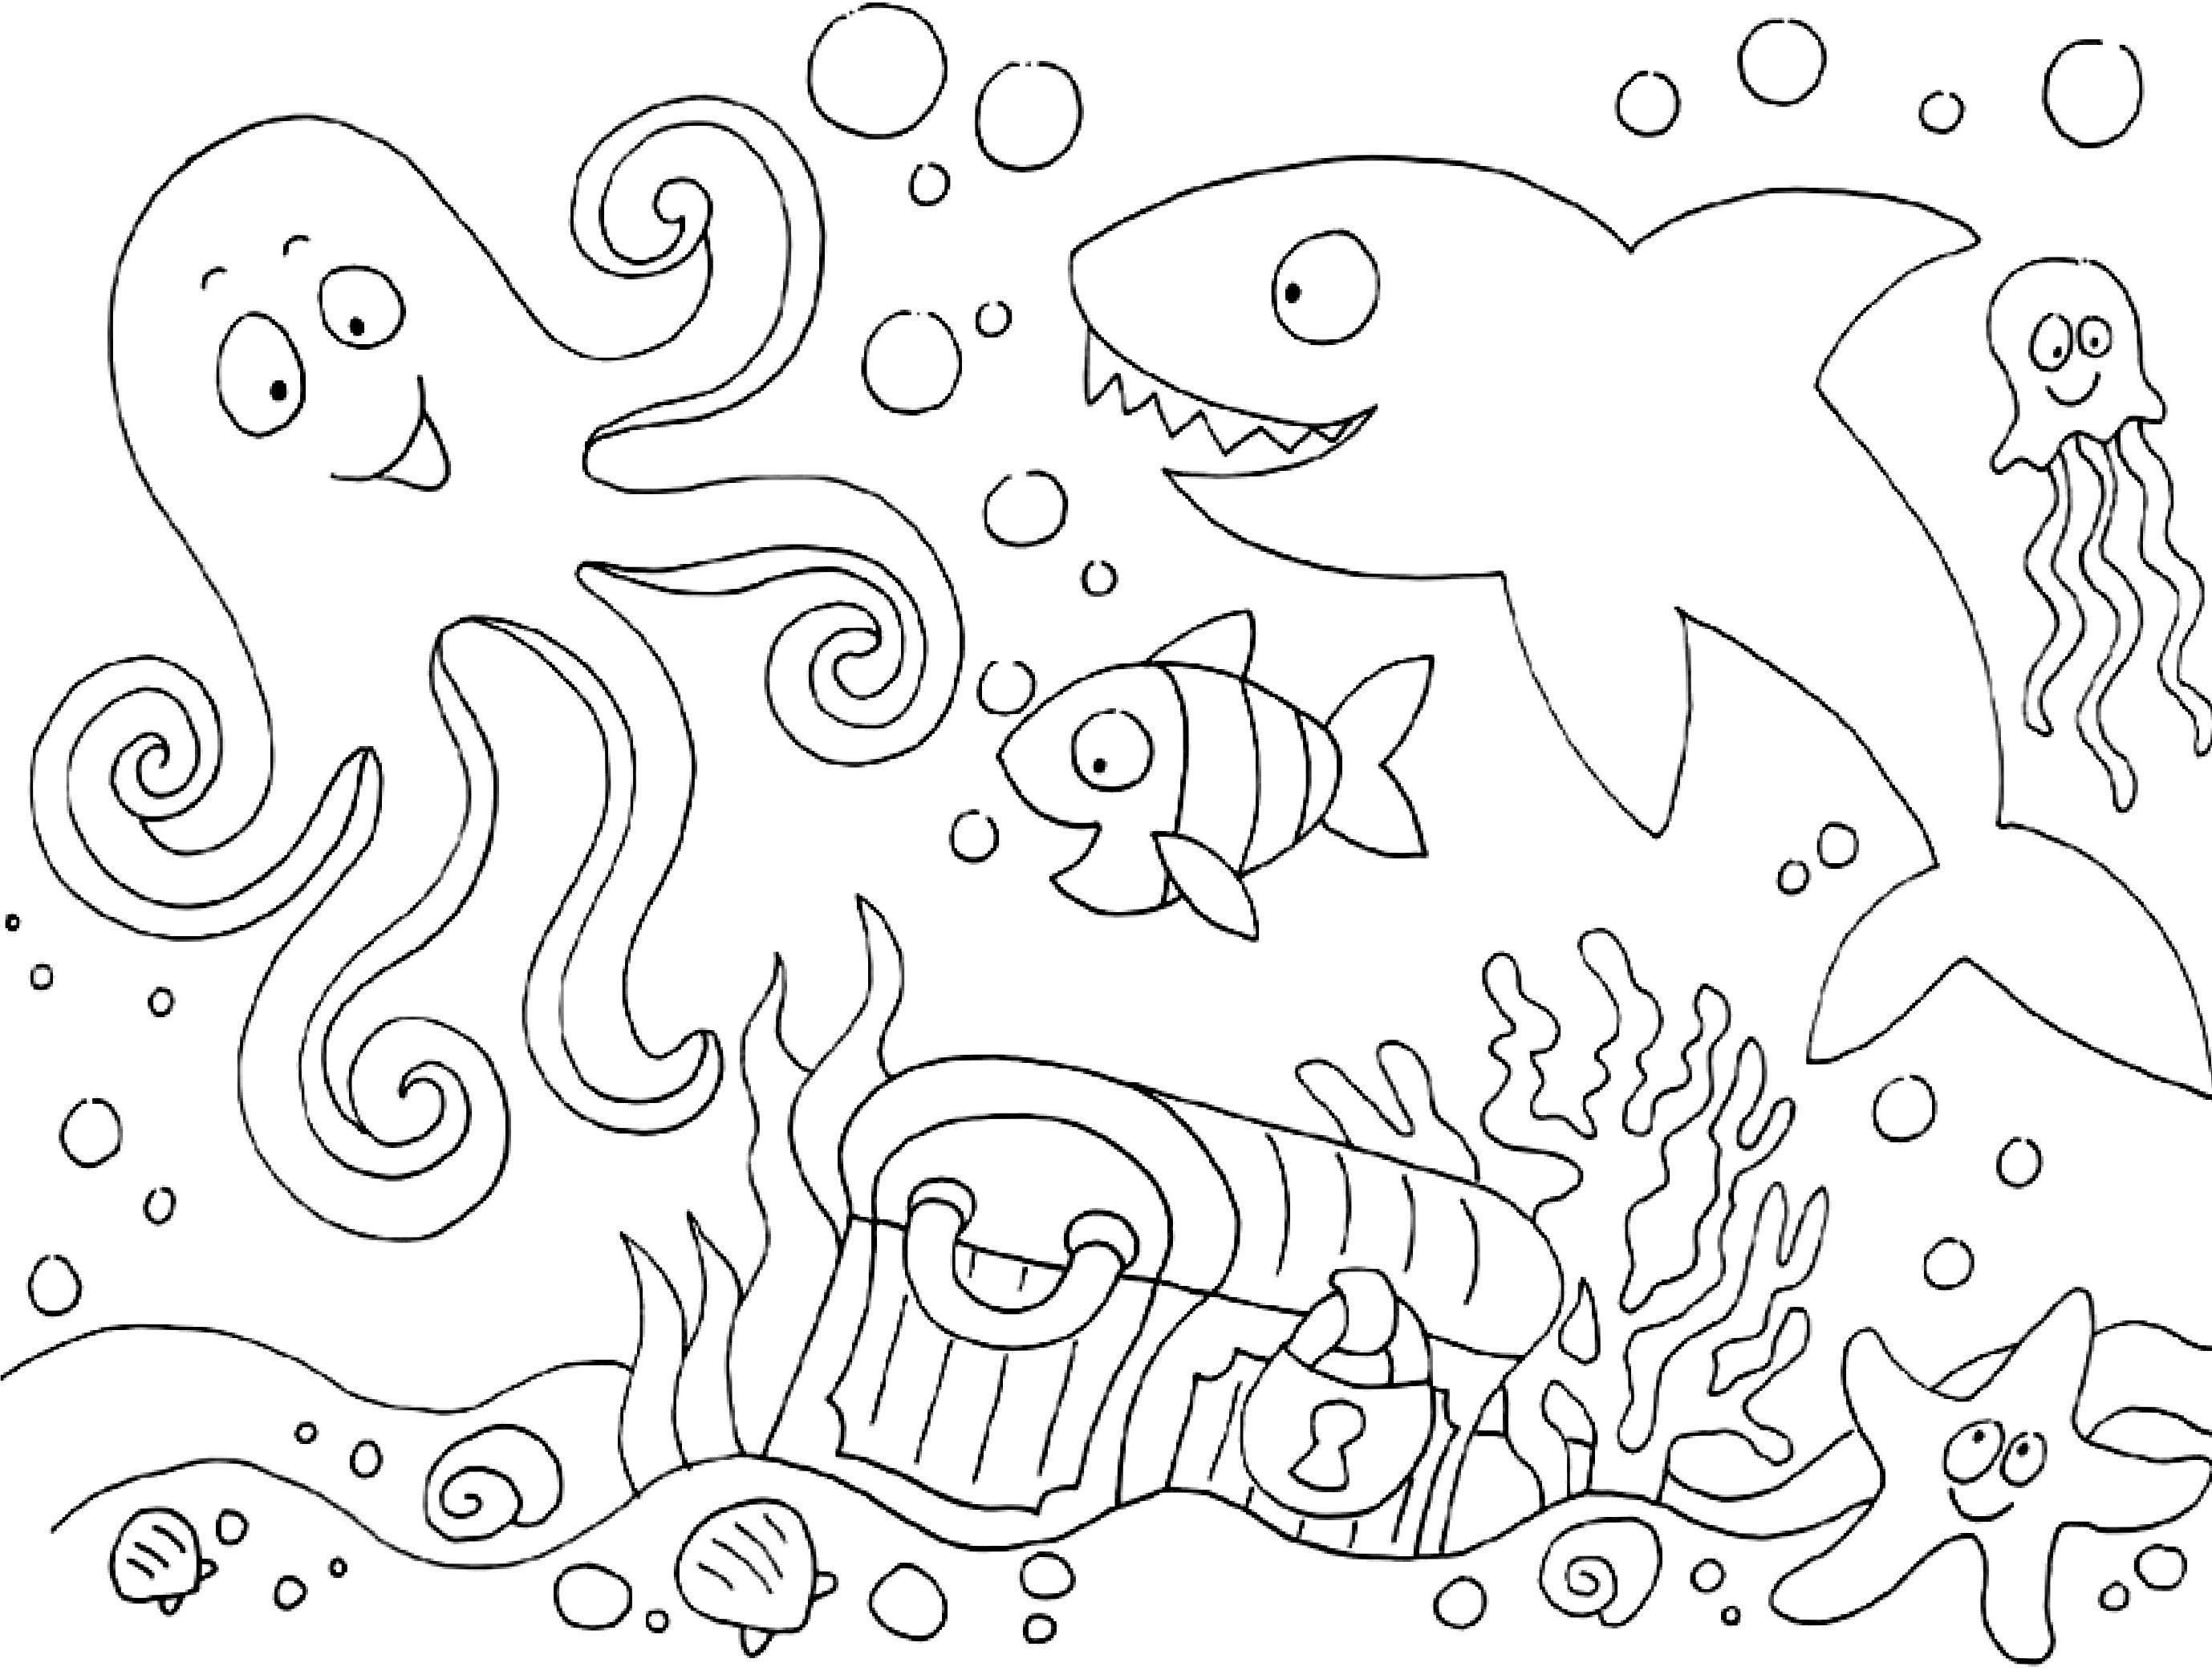 MyToys_Malvorlagen_Tiere_Unterwasserwelt myToys-Blog